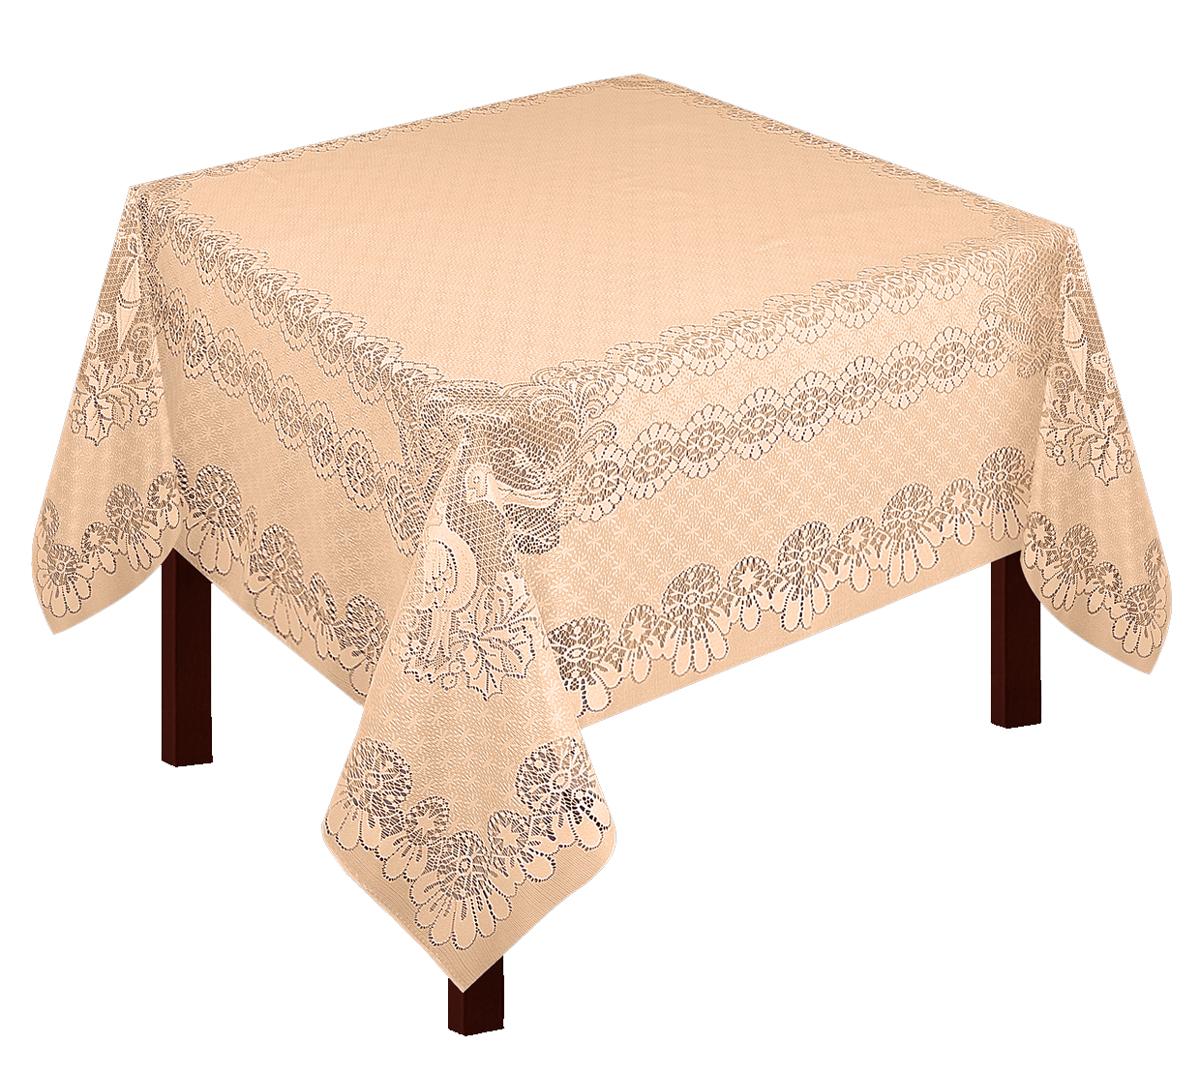 Скатерть Zlata Korunka, прямоугольная, цвет: бежевый, 165 х 150 см80030Скатерть выполнена из полиэстера жаккардового переплетения, не скользит со стола, легко стирается и прослужит Вам долгое время. Скатерть - длина 165 х шир.150